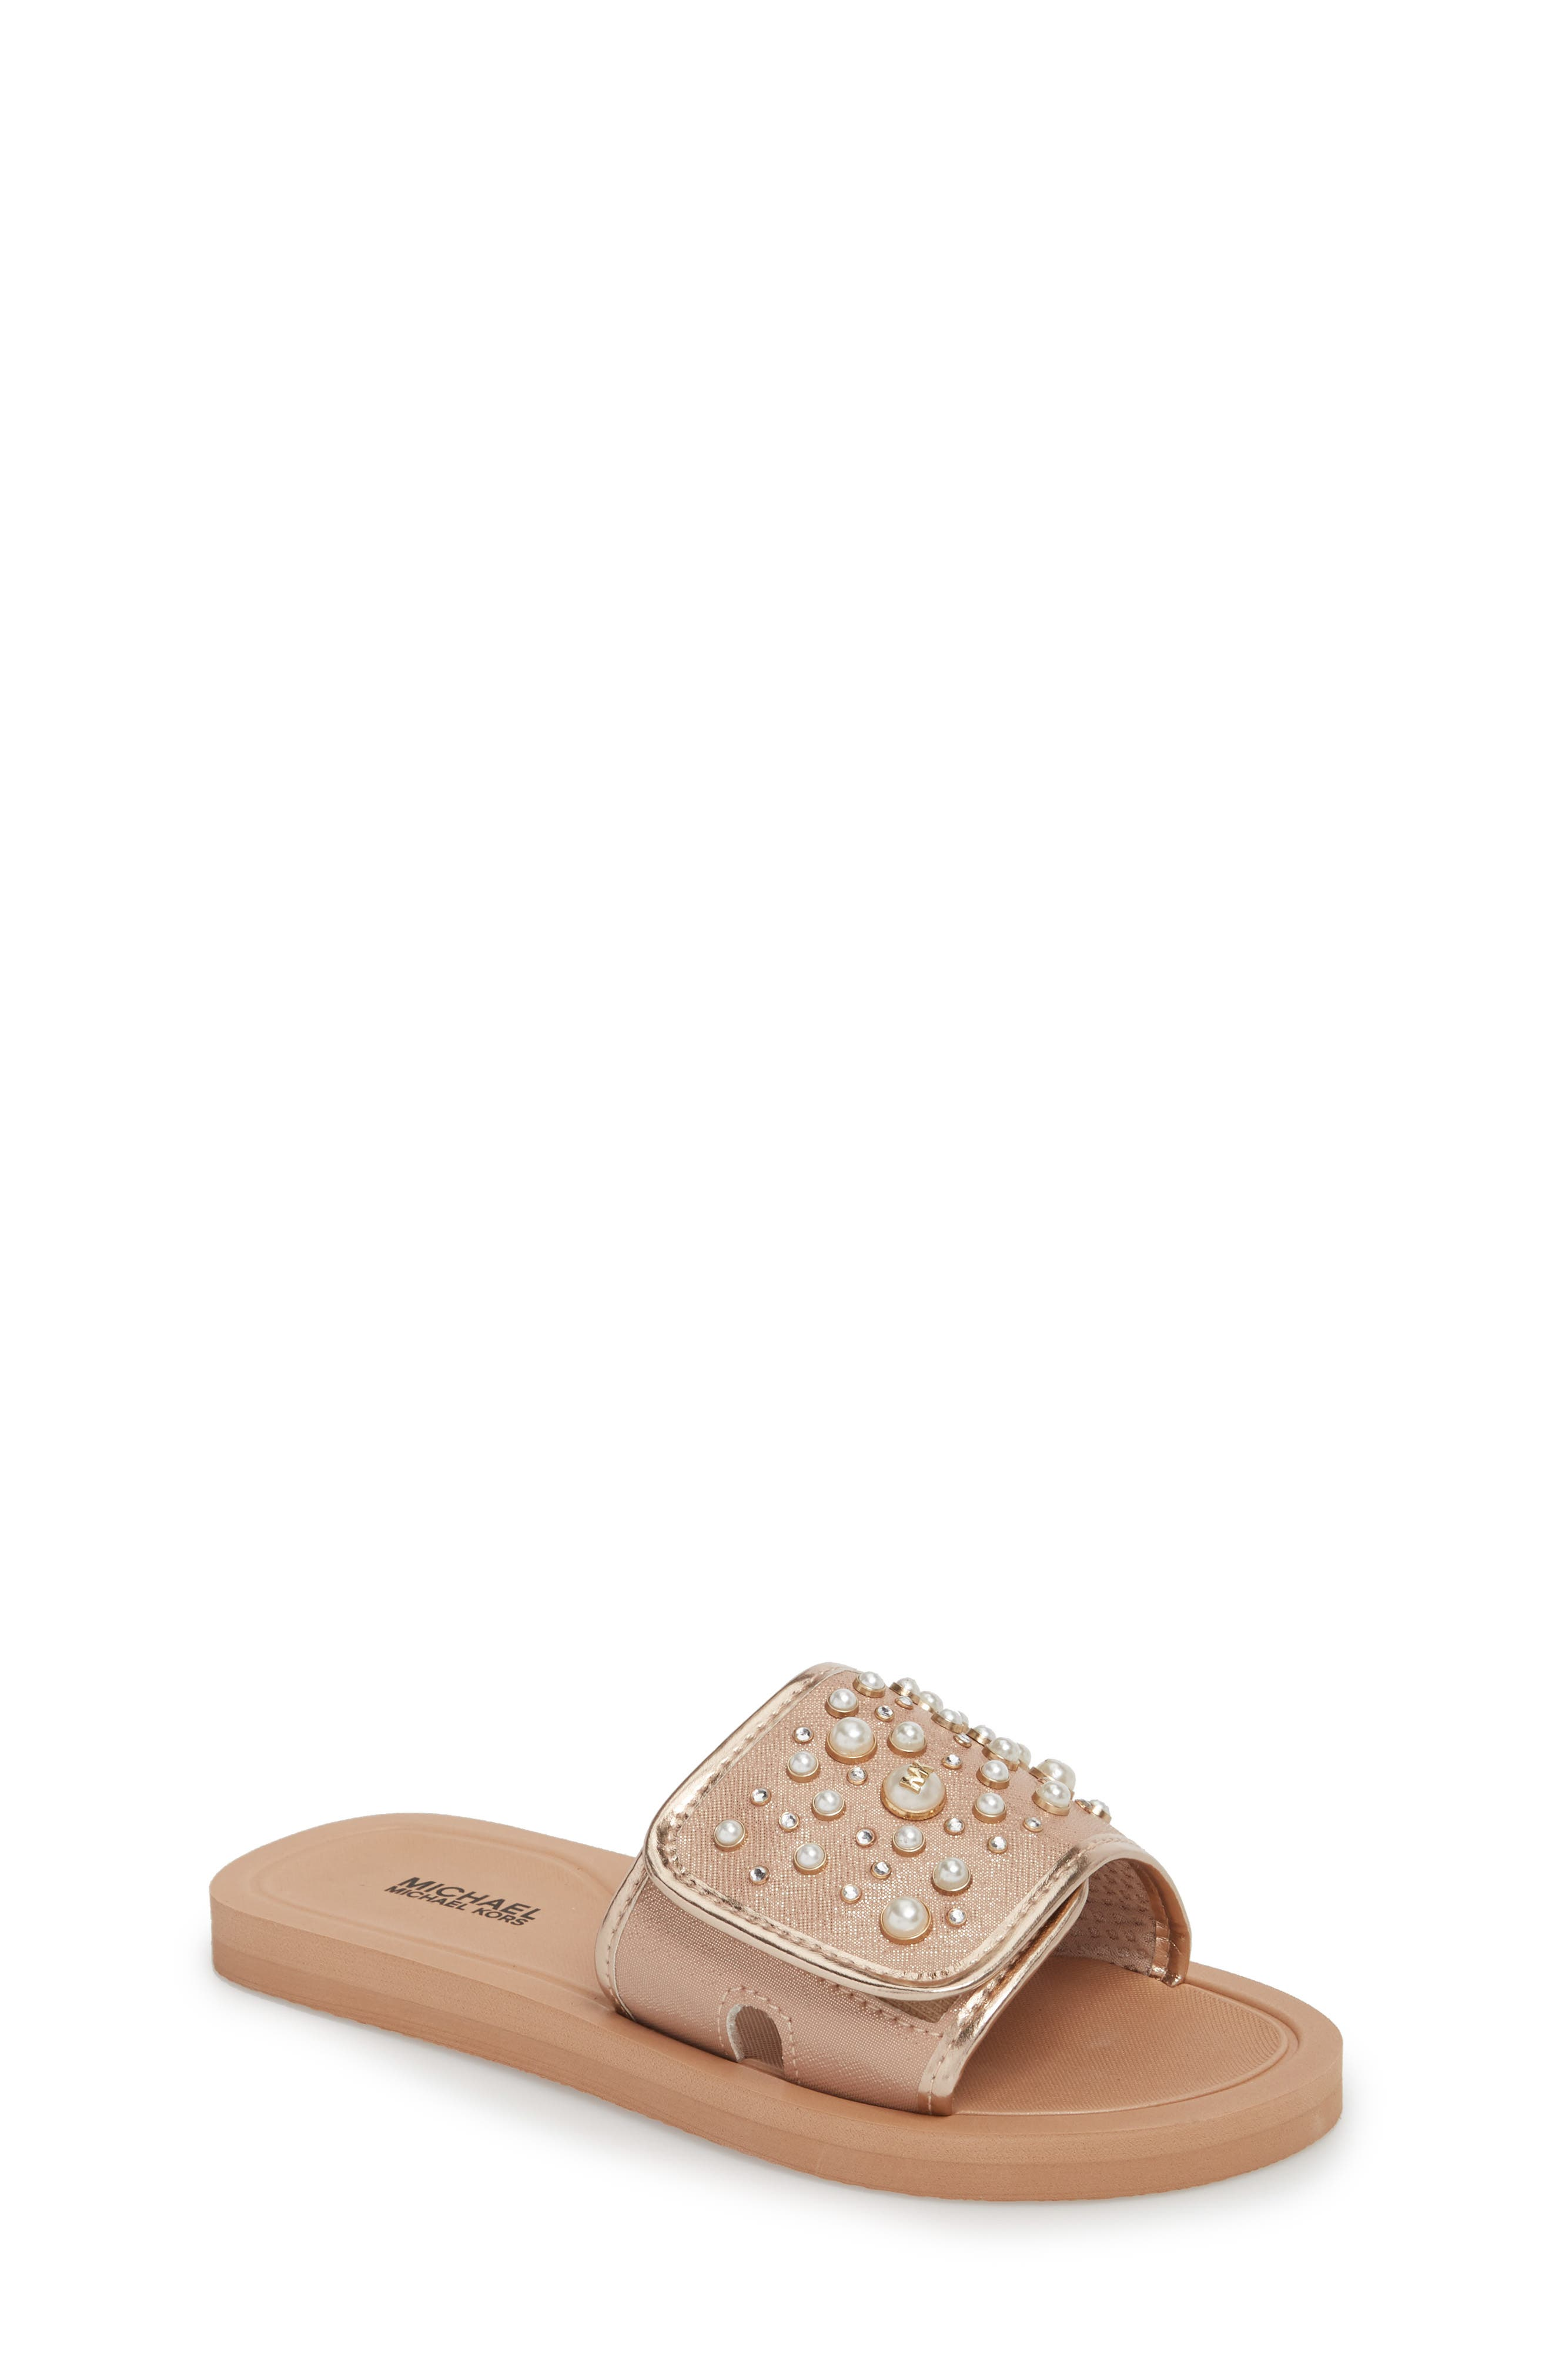 Eli Grand Embellished Slide Sandal,                         Main,                         color, 650